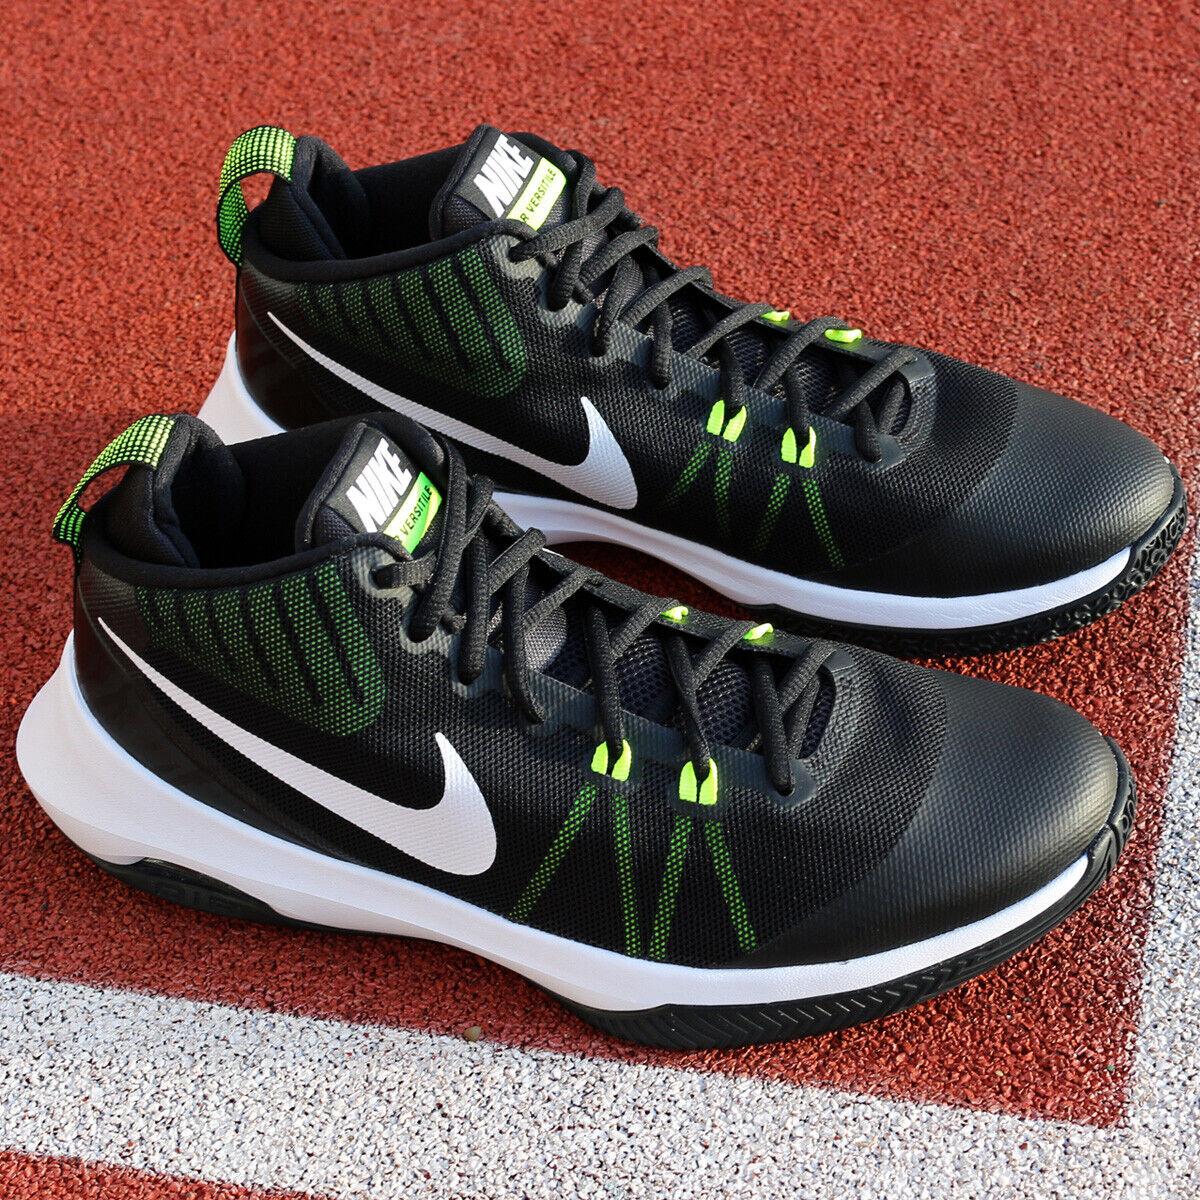 NIKE VERSITILE 852431-009 Baloncesto Zapatos al Aire Libre AIR Interior Negro blancoo Nuevo Ds